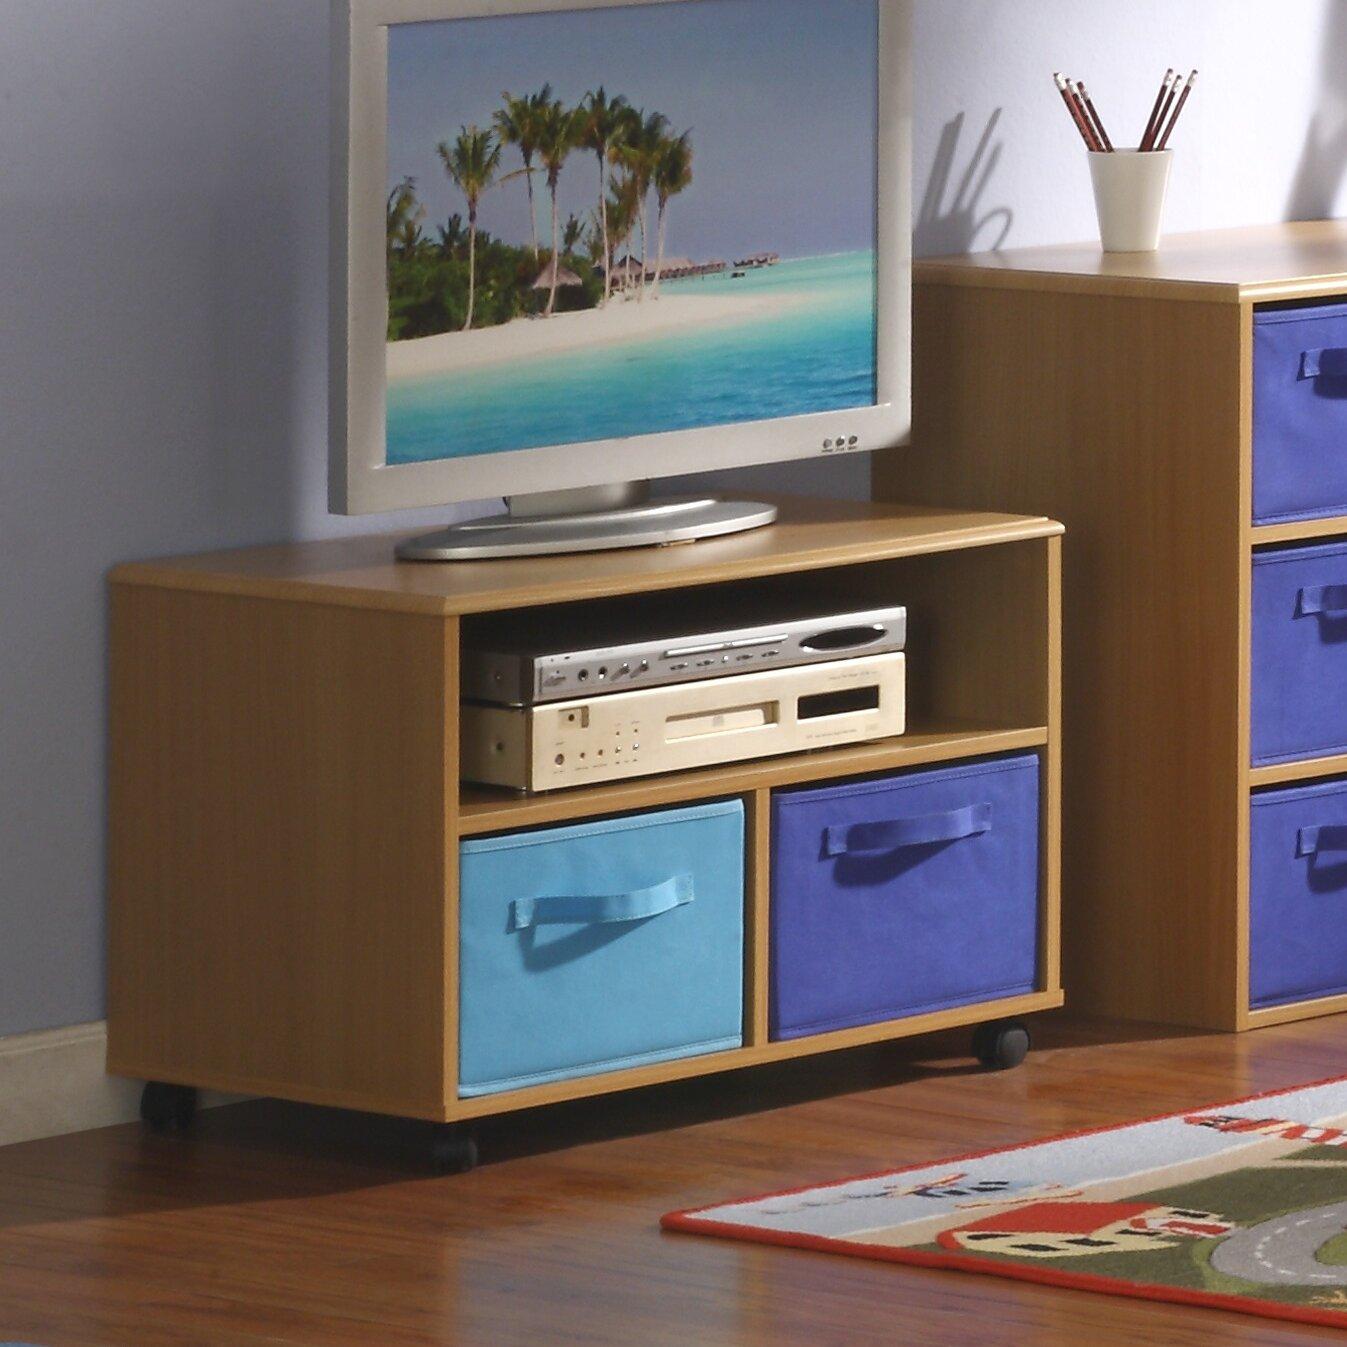 Comkids Room Tv Stand : Furniture Living Room Furniture ... All TV Stands 4D Concepts SKU ...